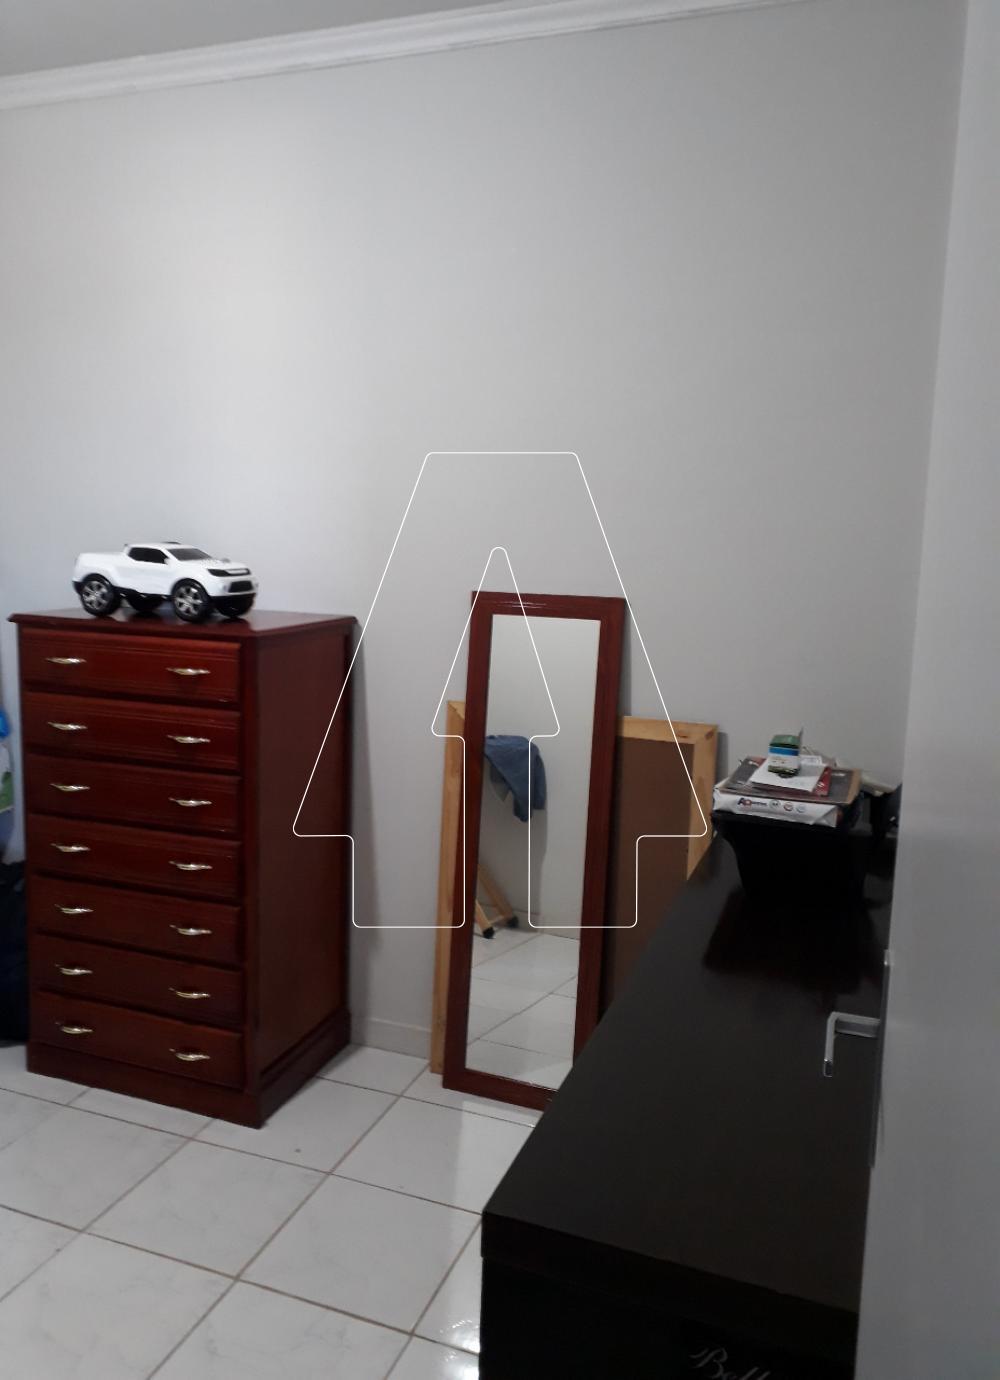 Comprar Apartamento / Padrão em Araçatuba R$ 110.000,00 - Foto 5